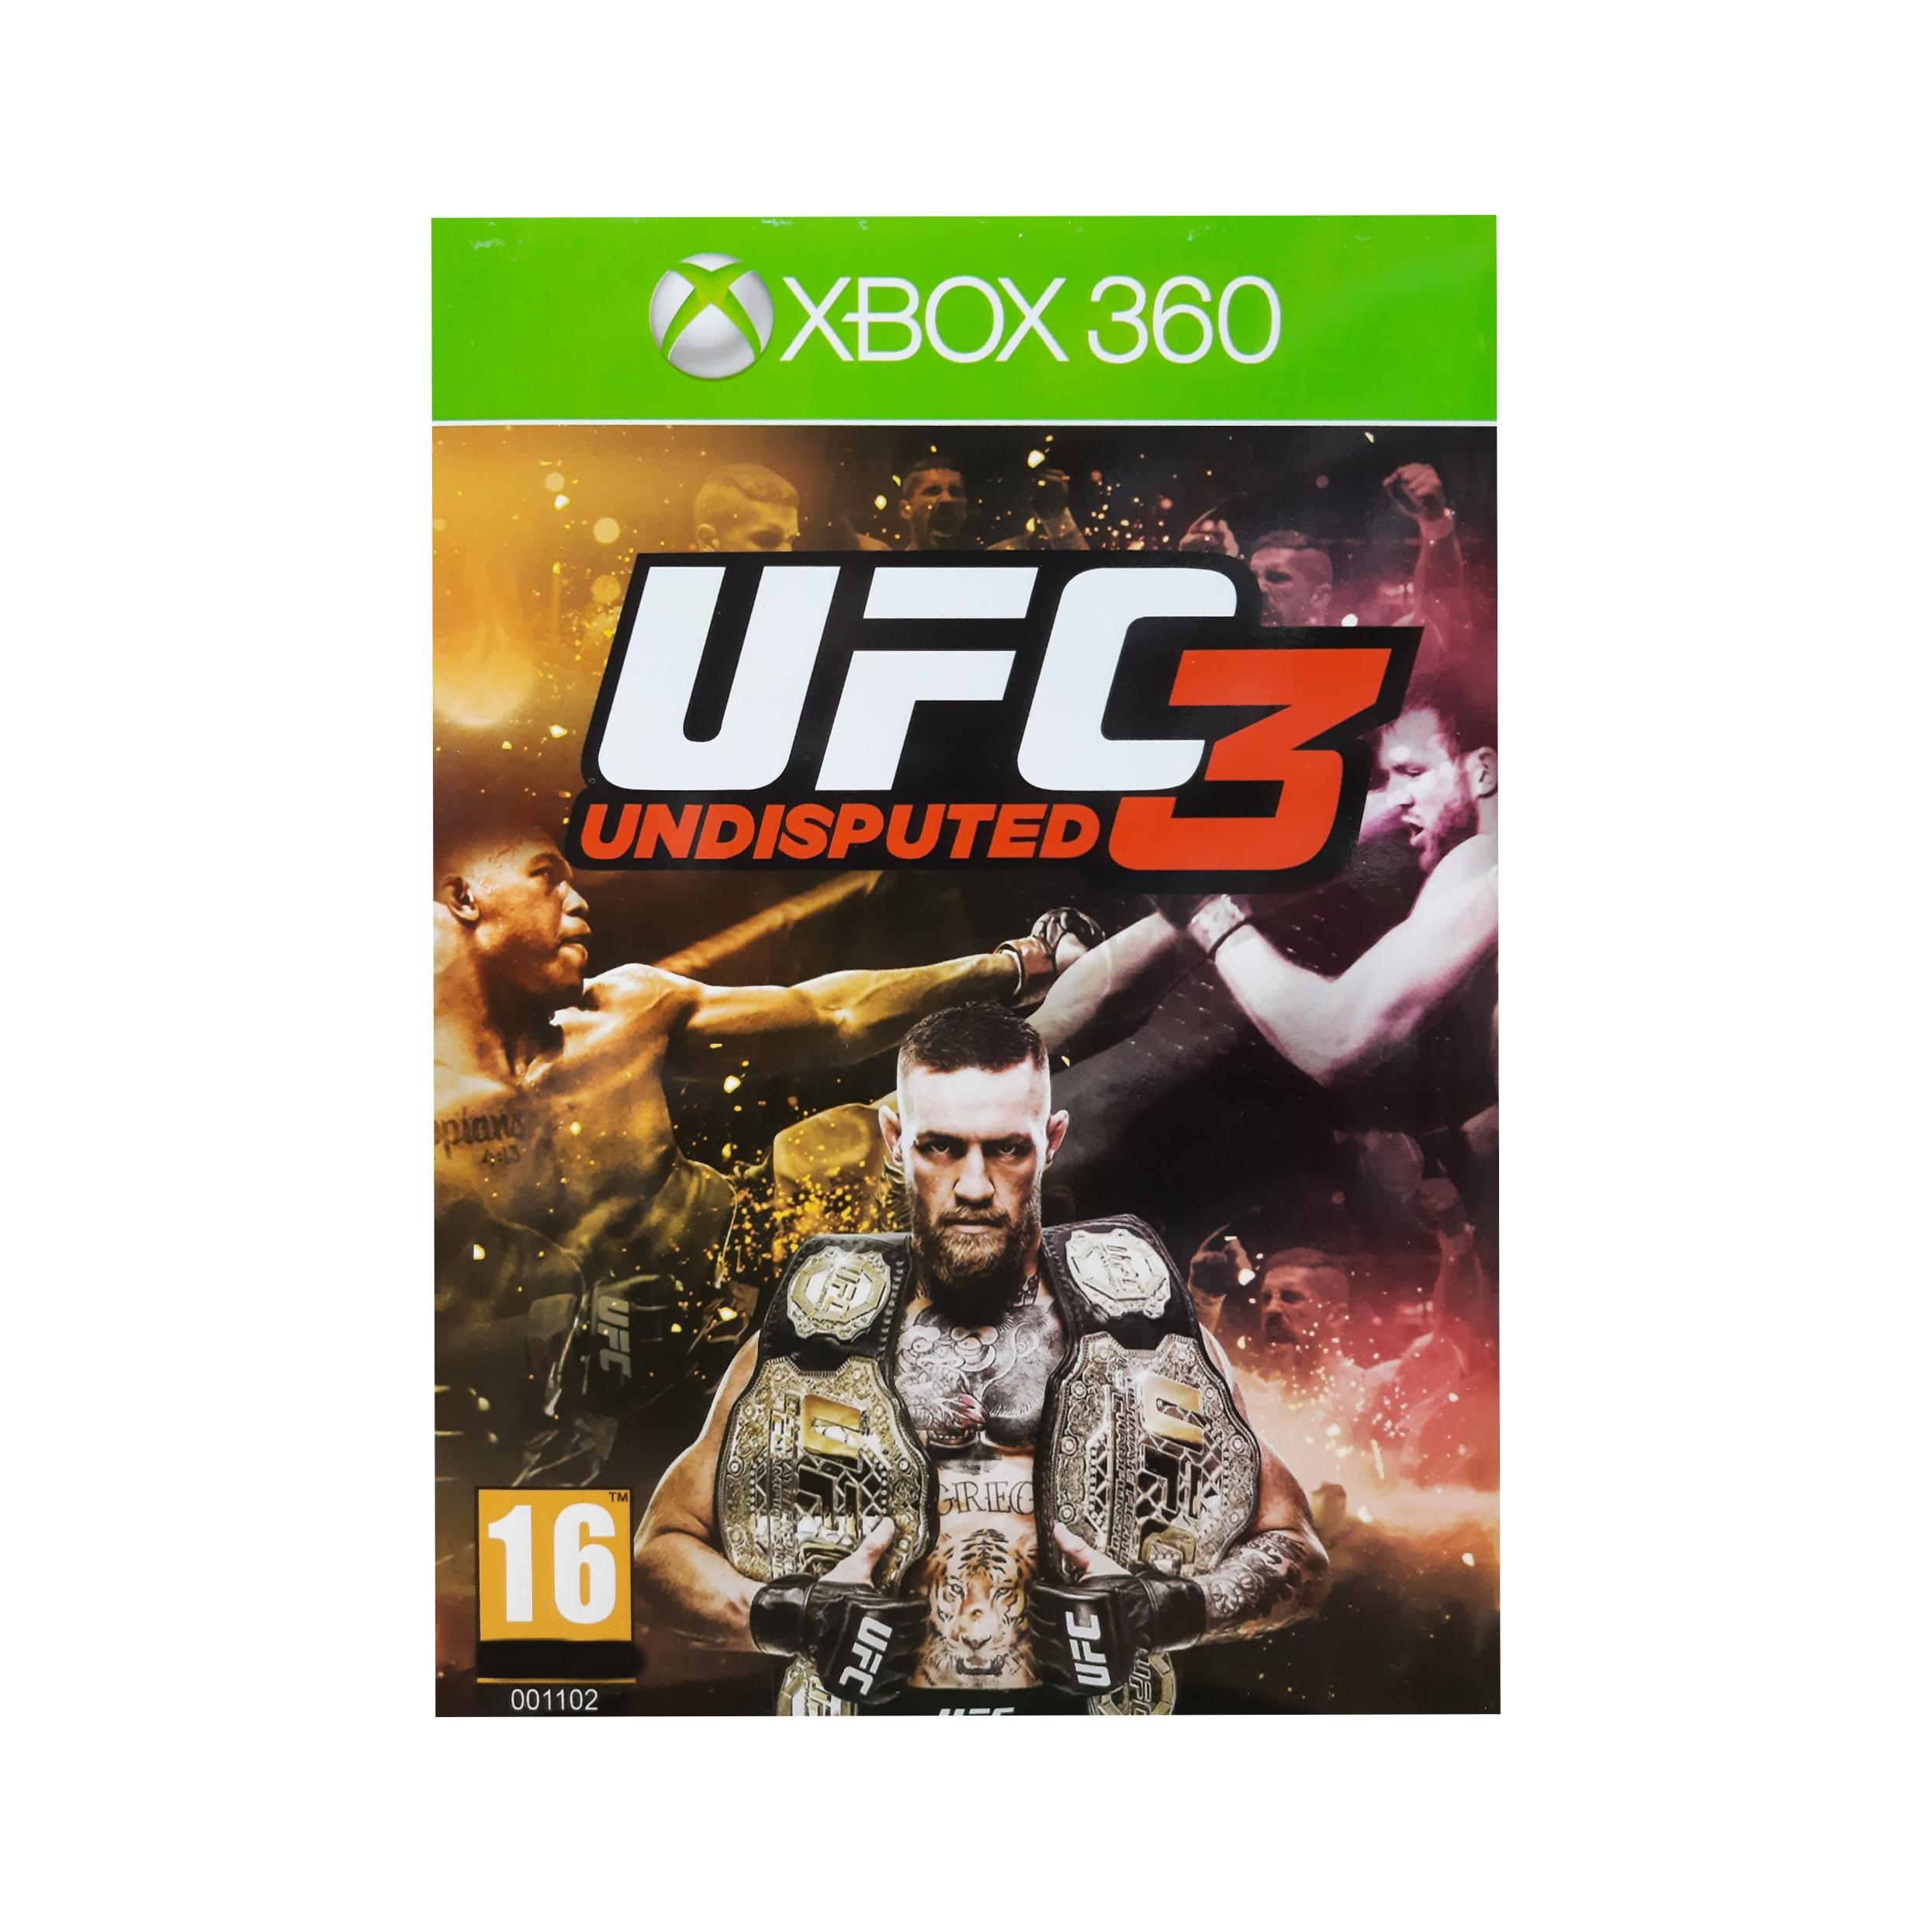 بازی UFC UNDISPUTED 3 مخصوص Xbox 360